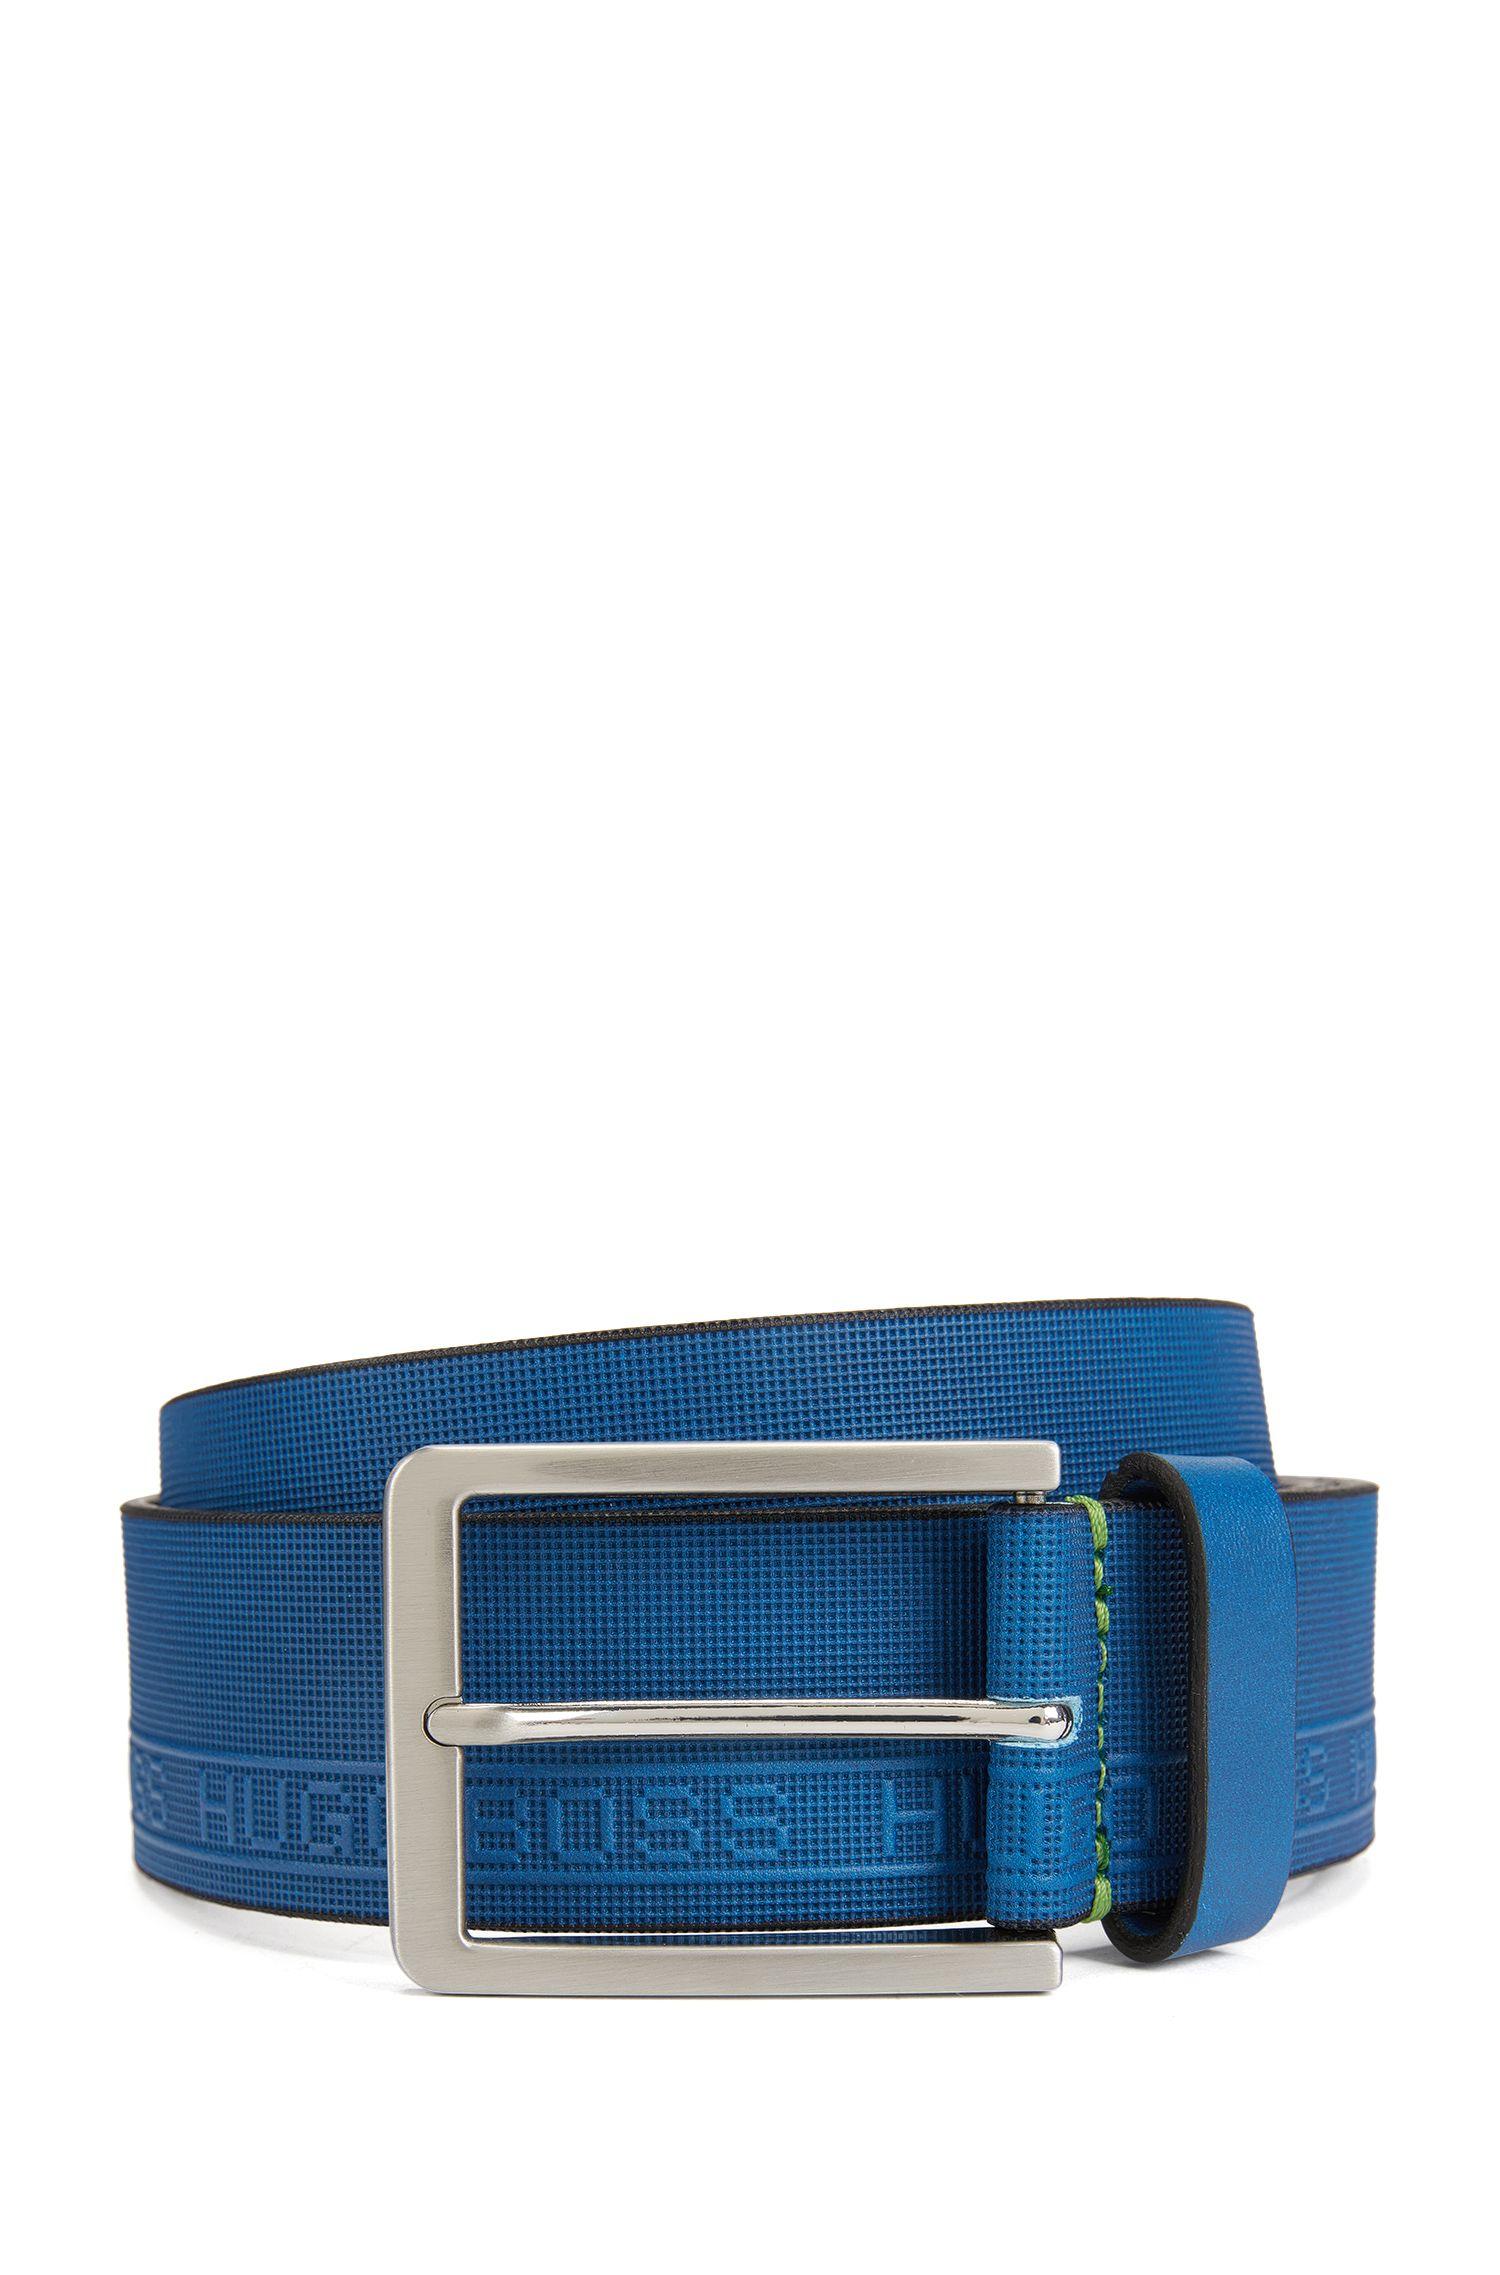 Cinturón de piel con textura y el logo grabado